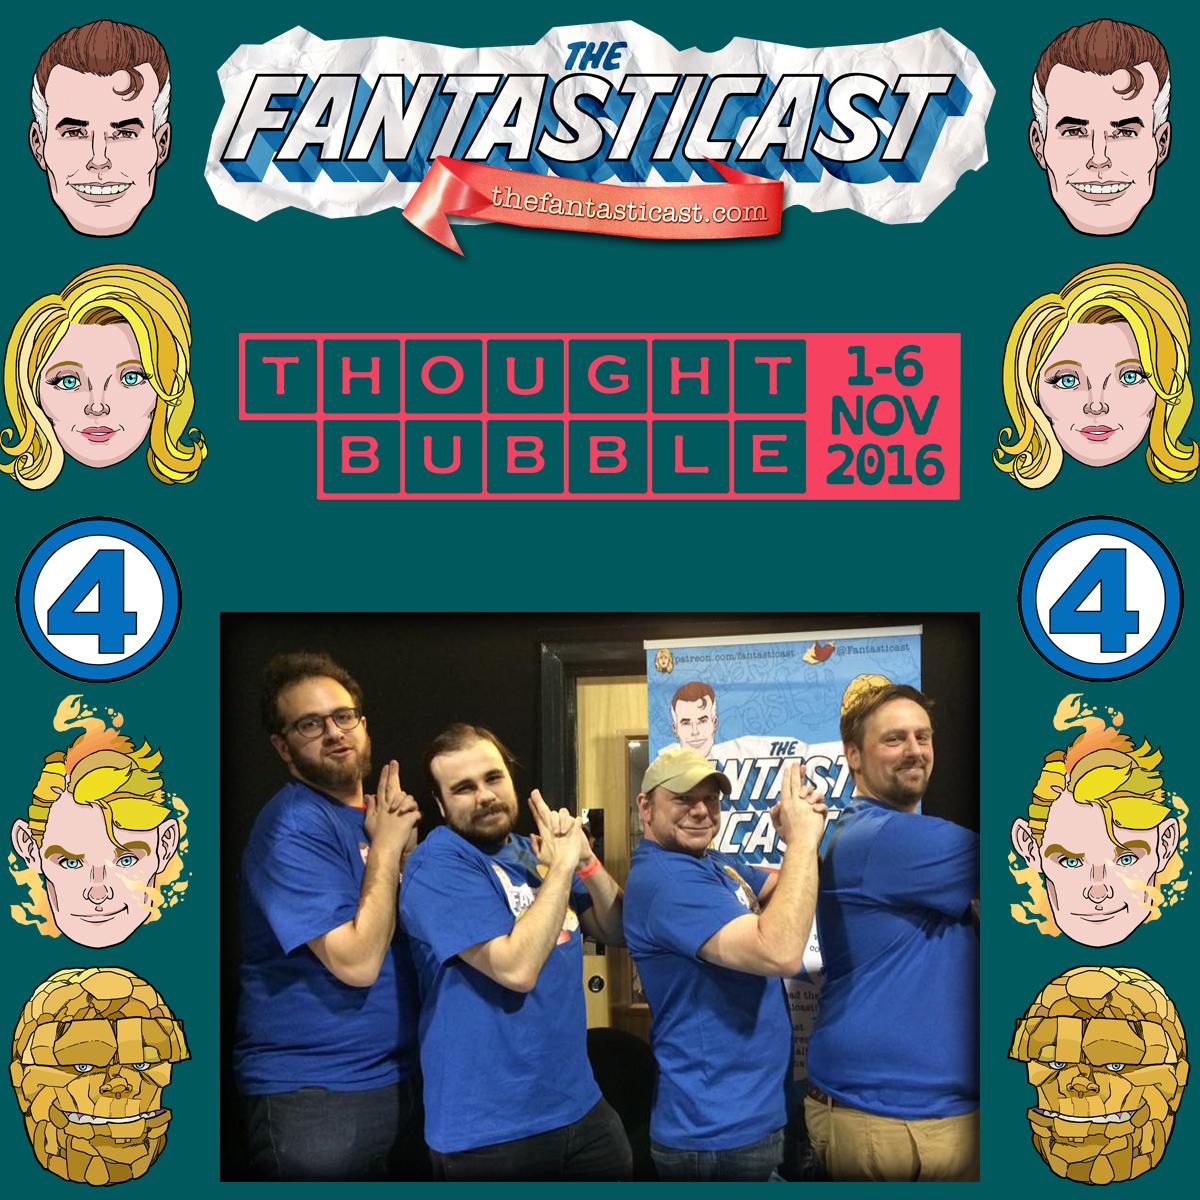 The Fantasticast Episode 212